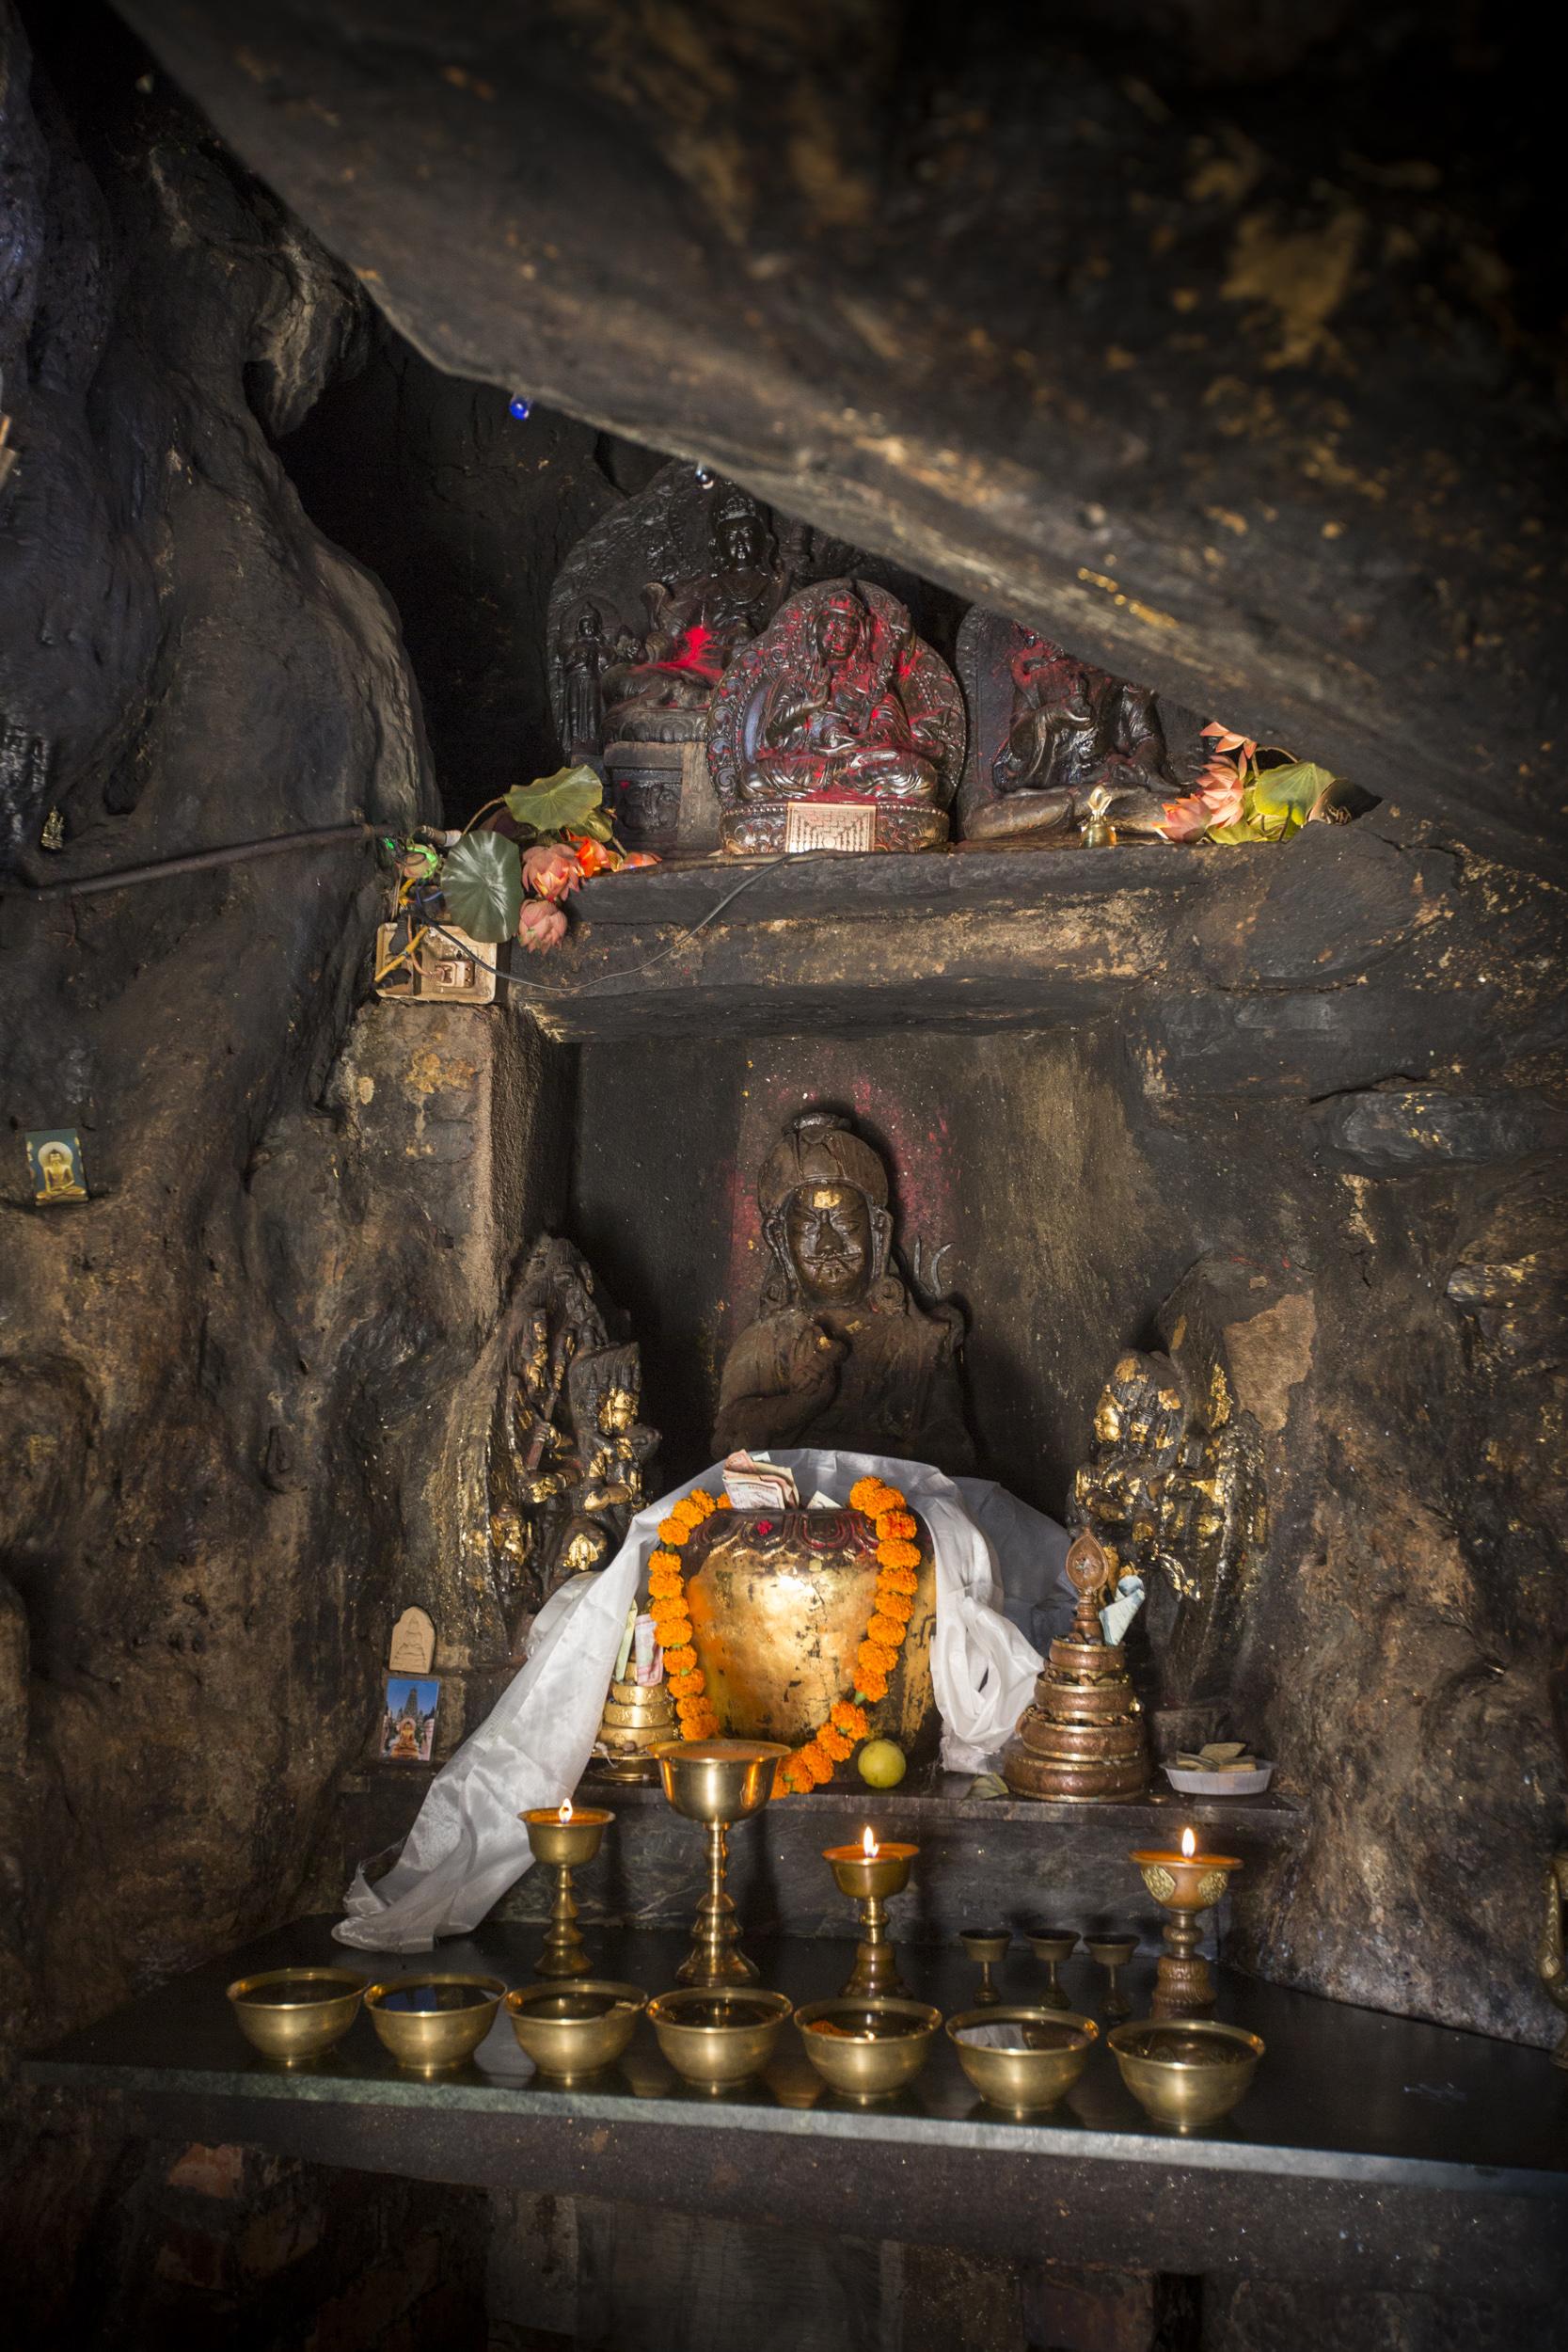 Asura_Cave_181020-28.jpg